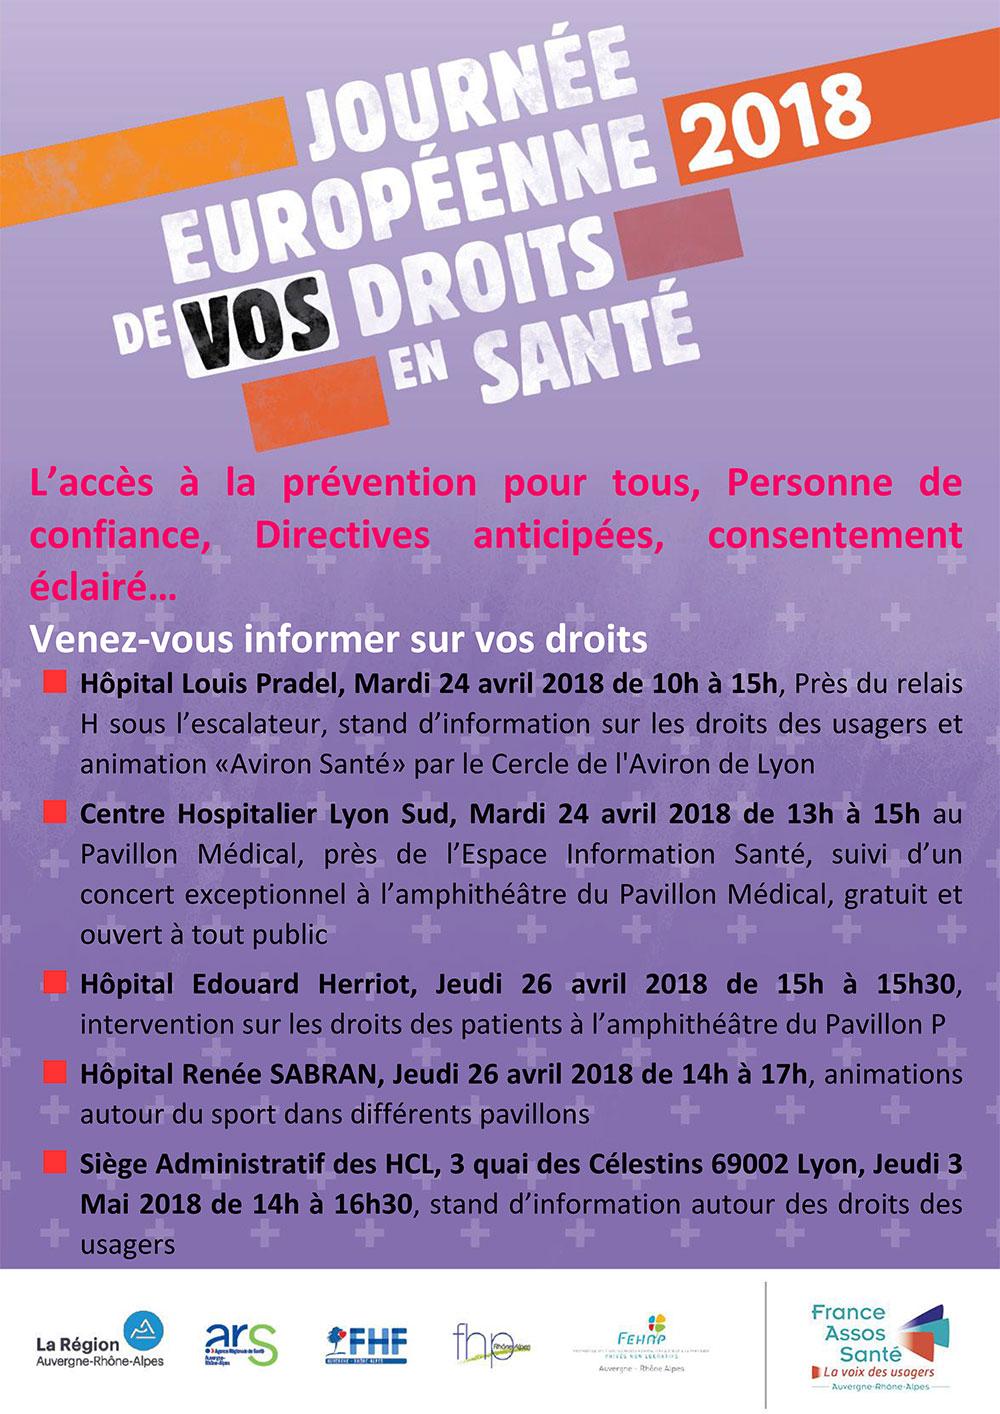 Journée européenne de vos droits en santé à Lyon